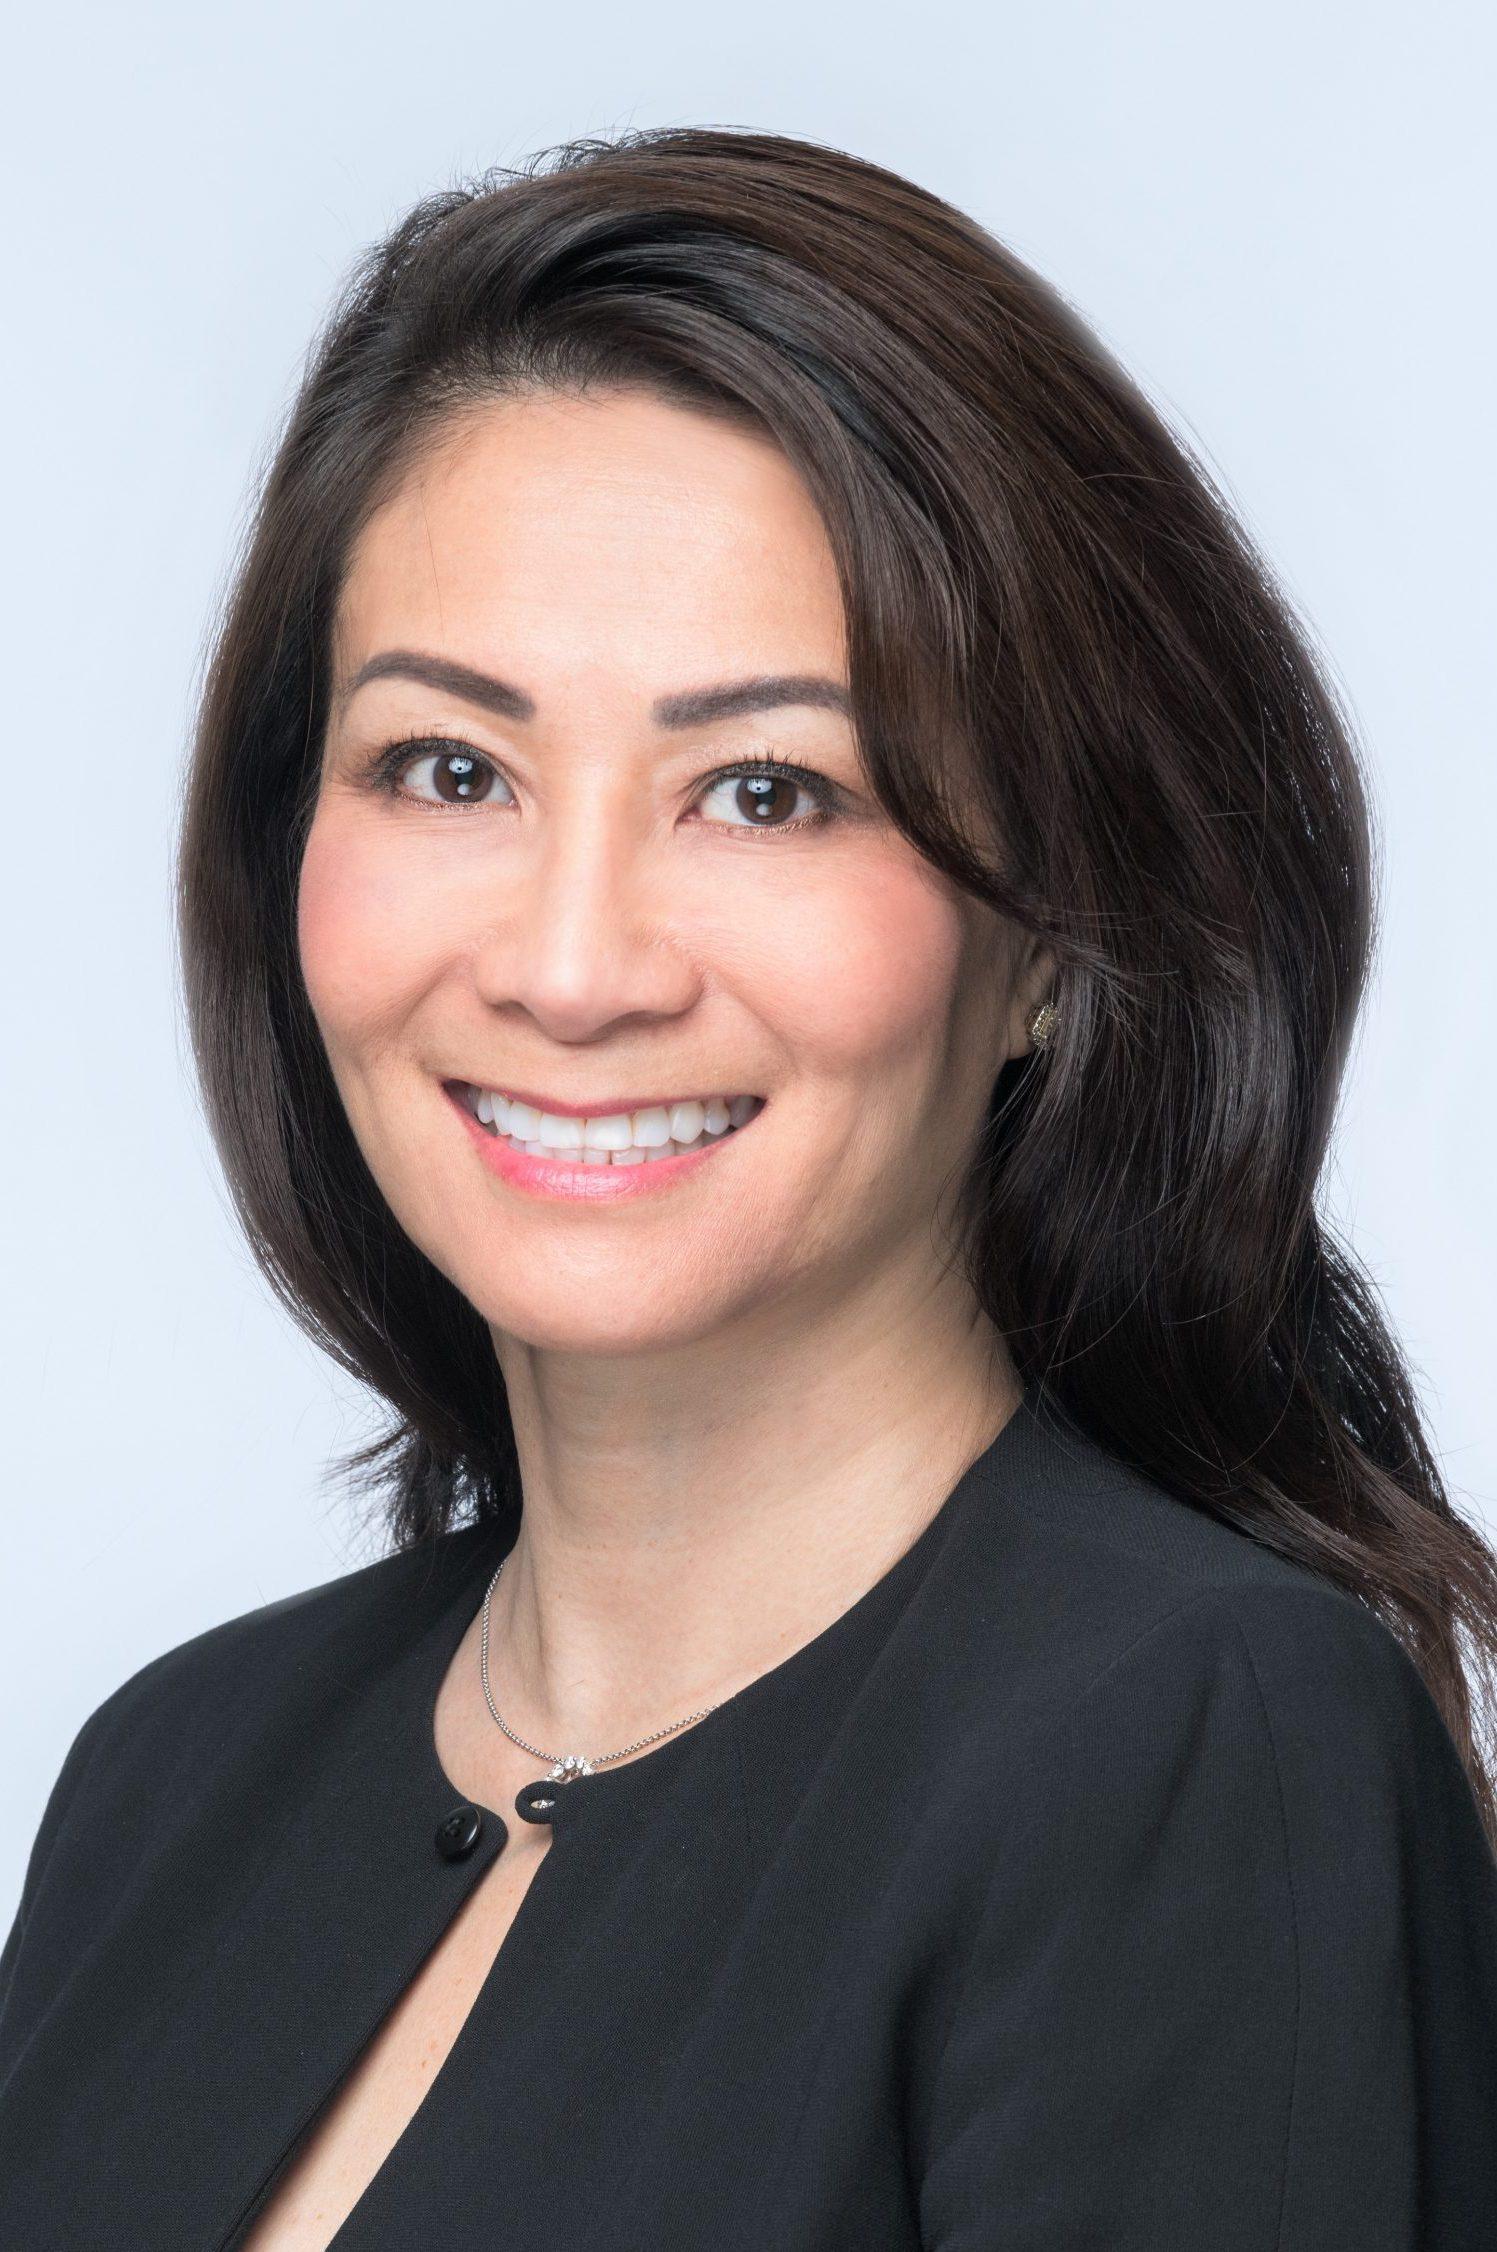 Photo of Theresa Bui Creevy